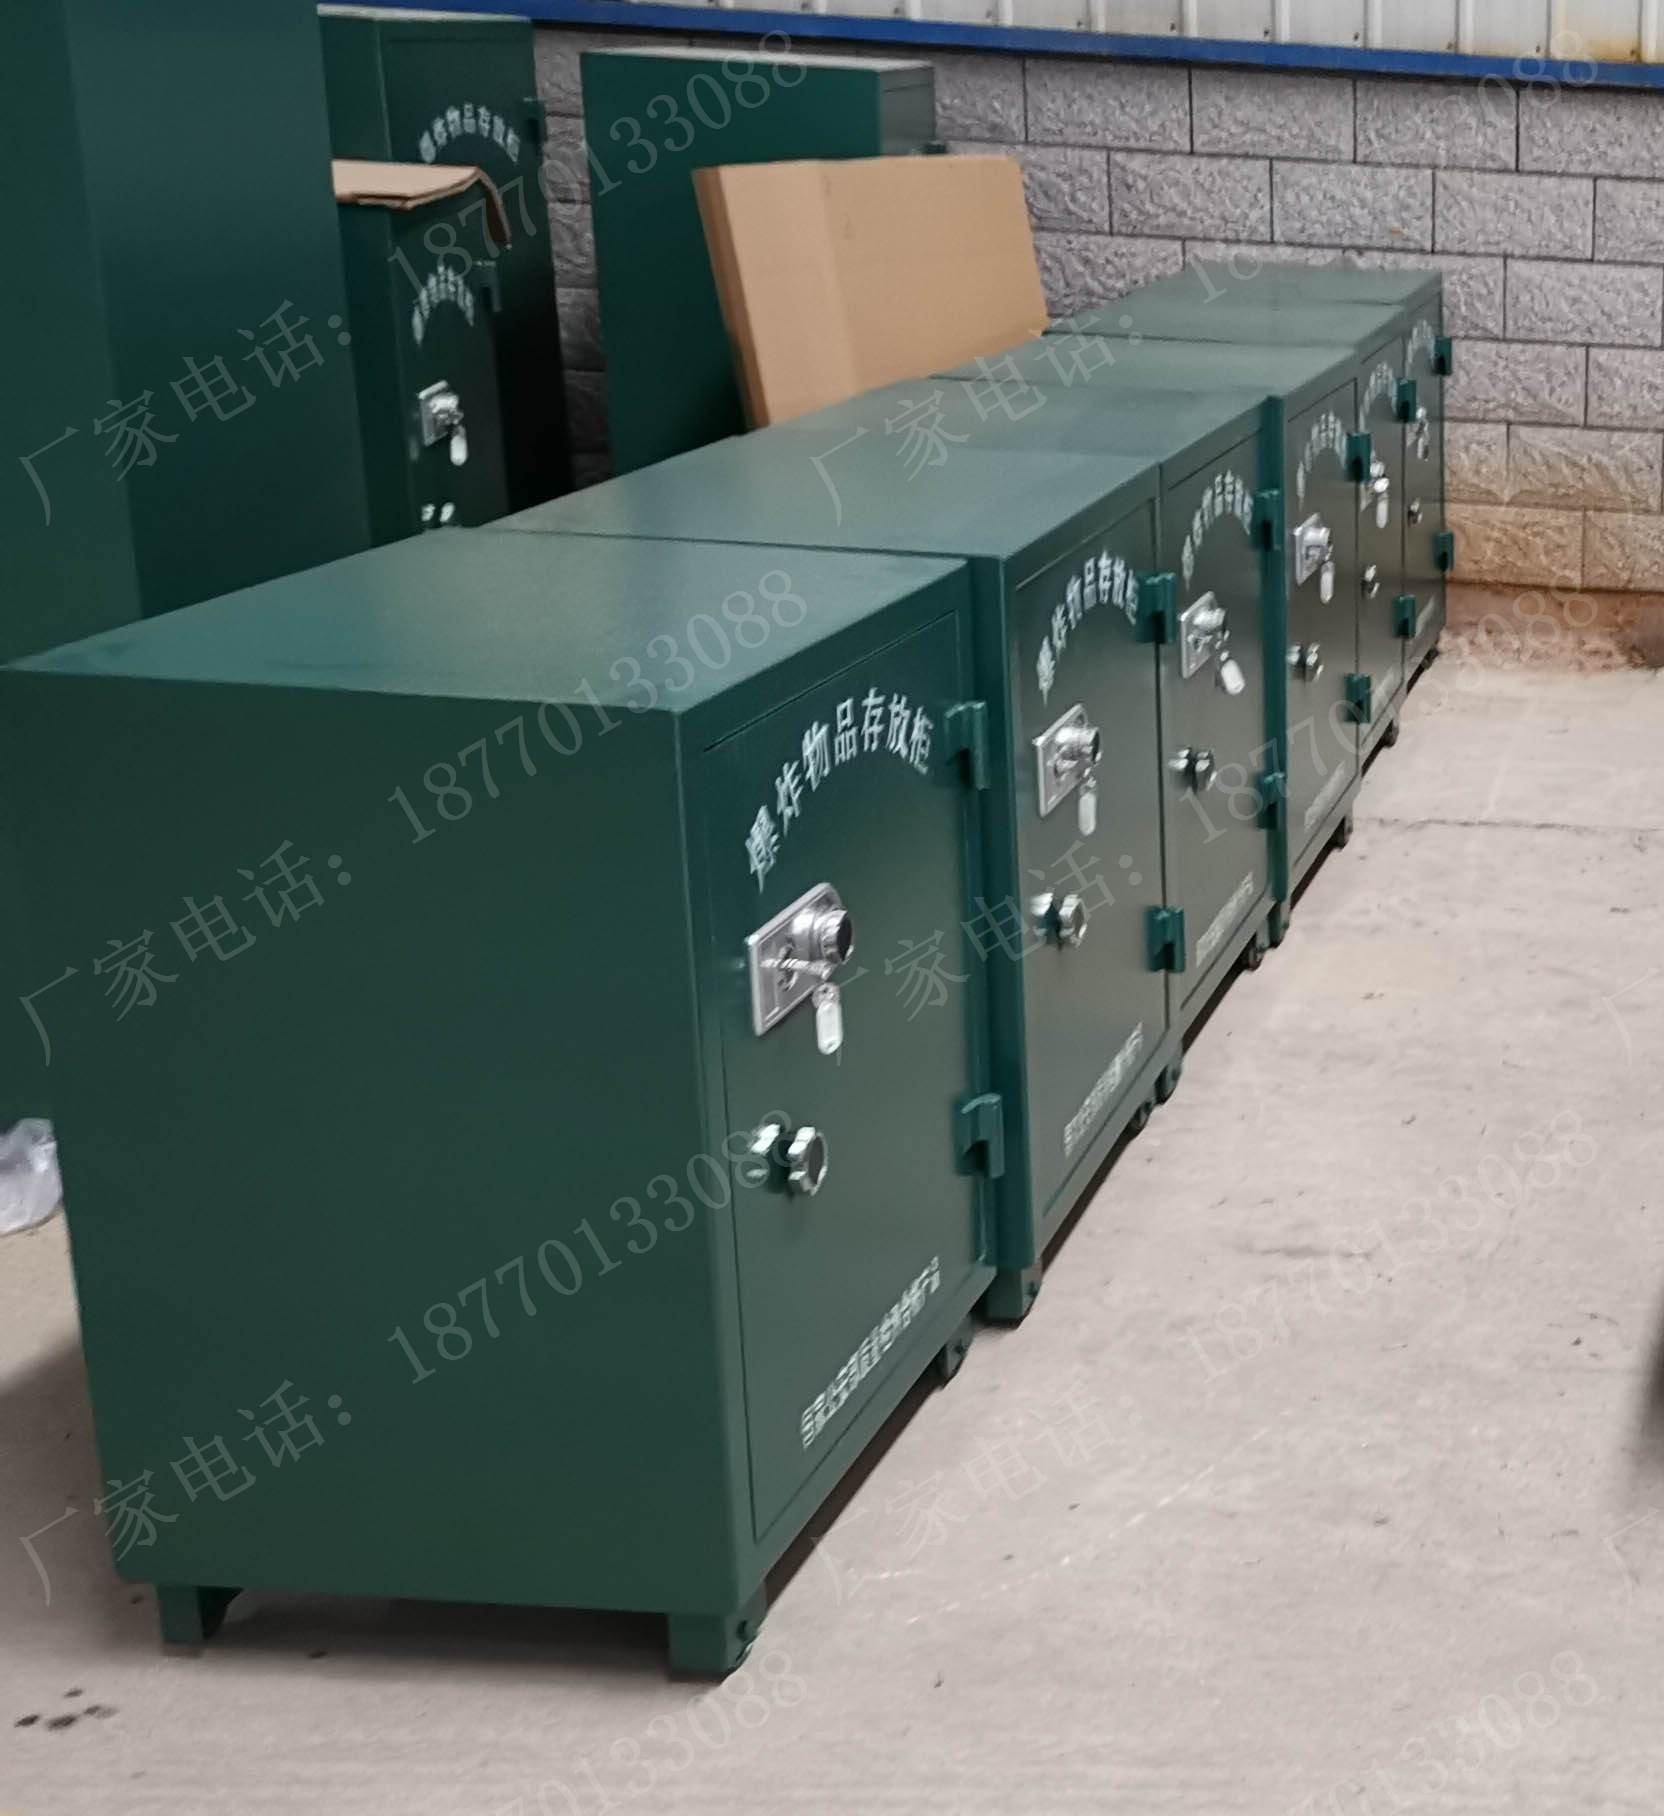 爆破器材保管箱